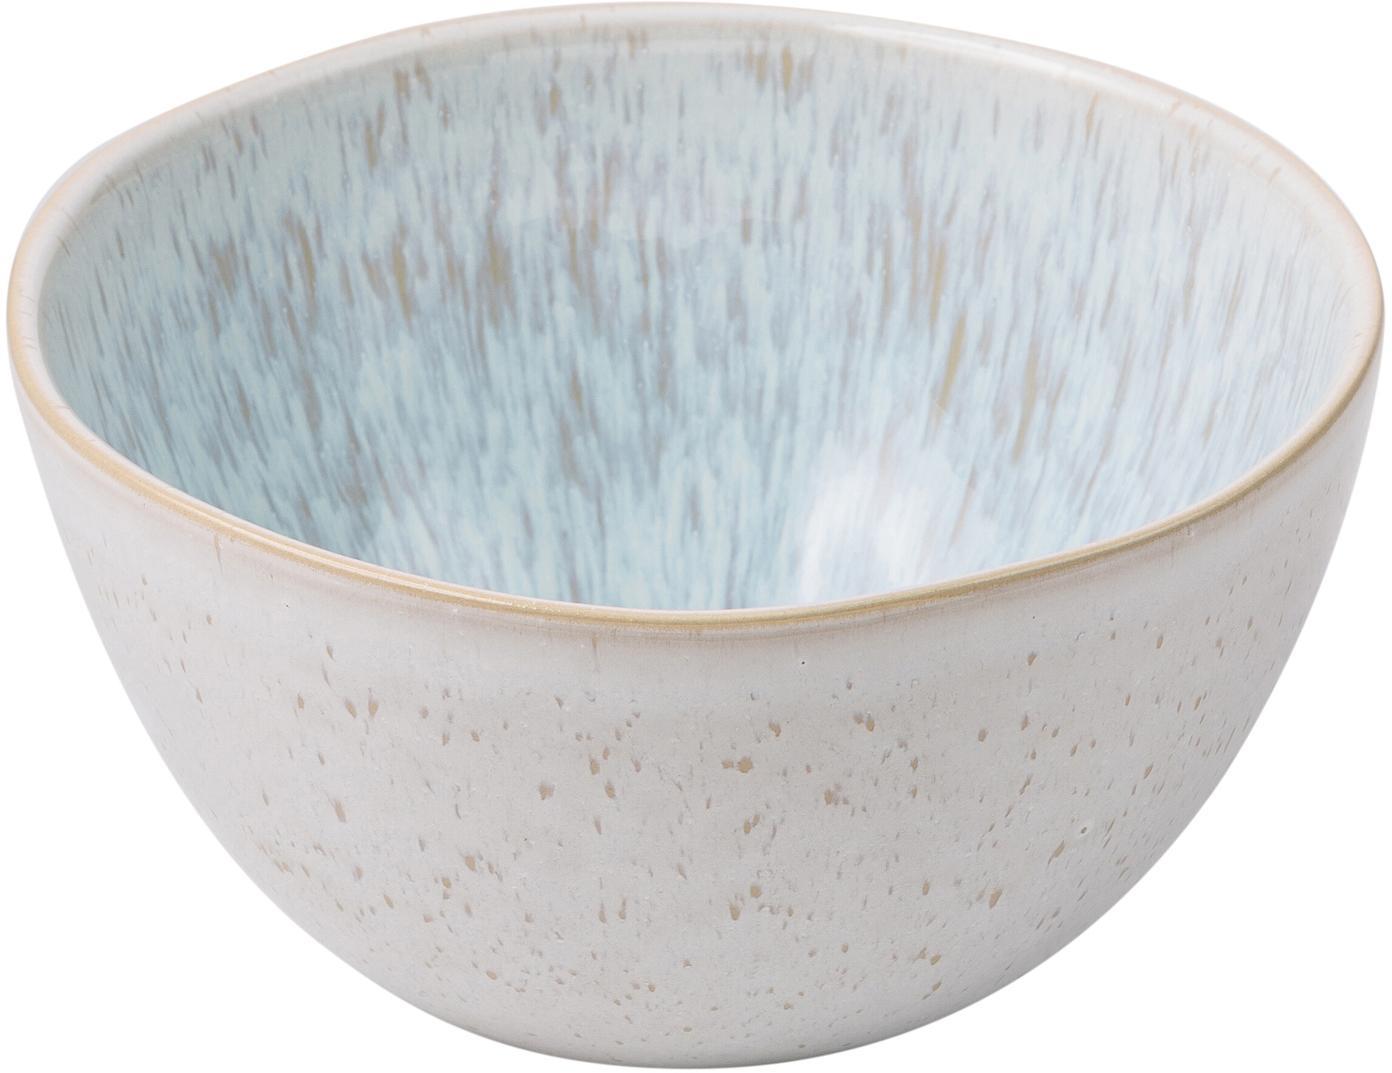 Handgemaakte schalen Areia, 2 stuks, Keramiek, Lichtblauw, gebroken wit, lichtbeige, Ø 15 x H 8 cm